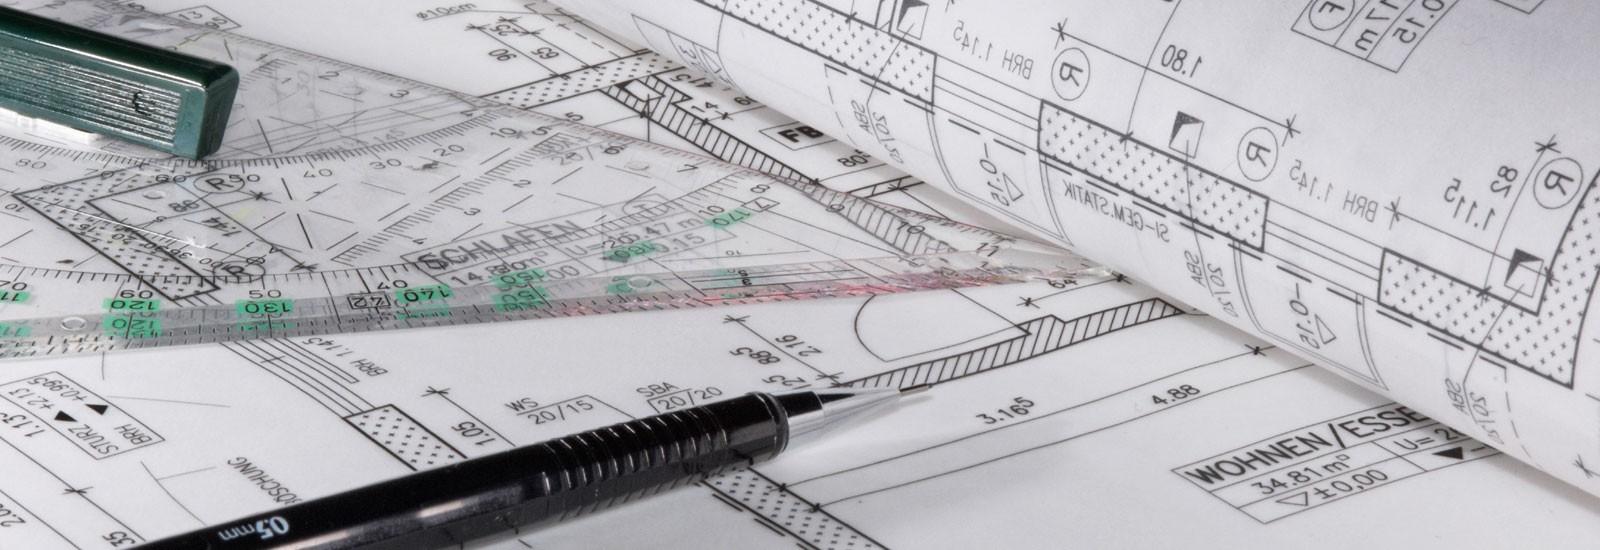 Planung und Konzept